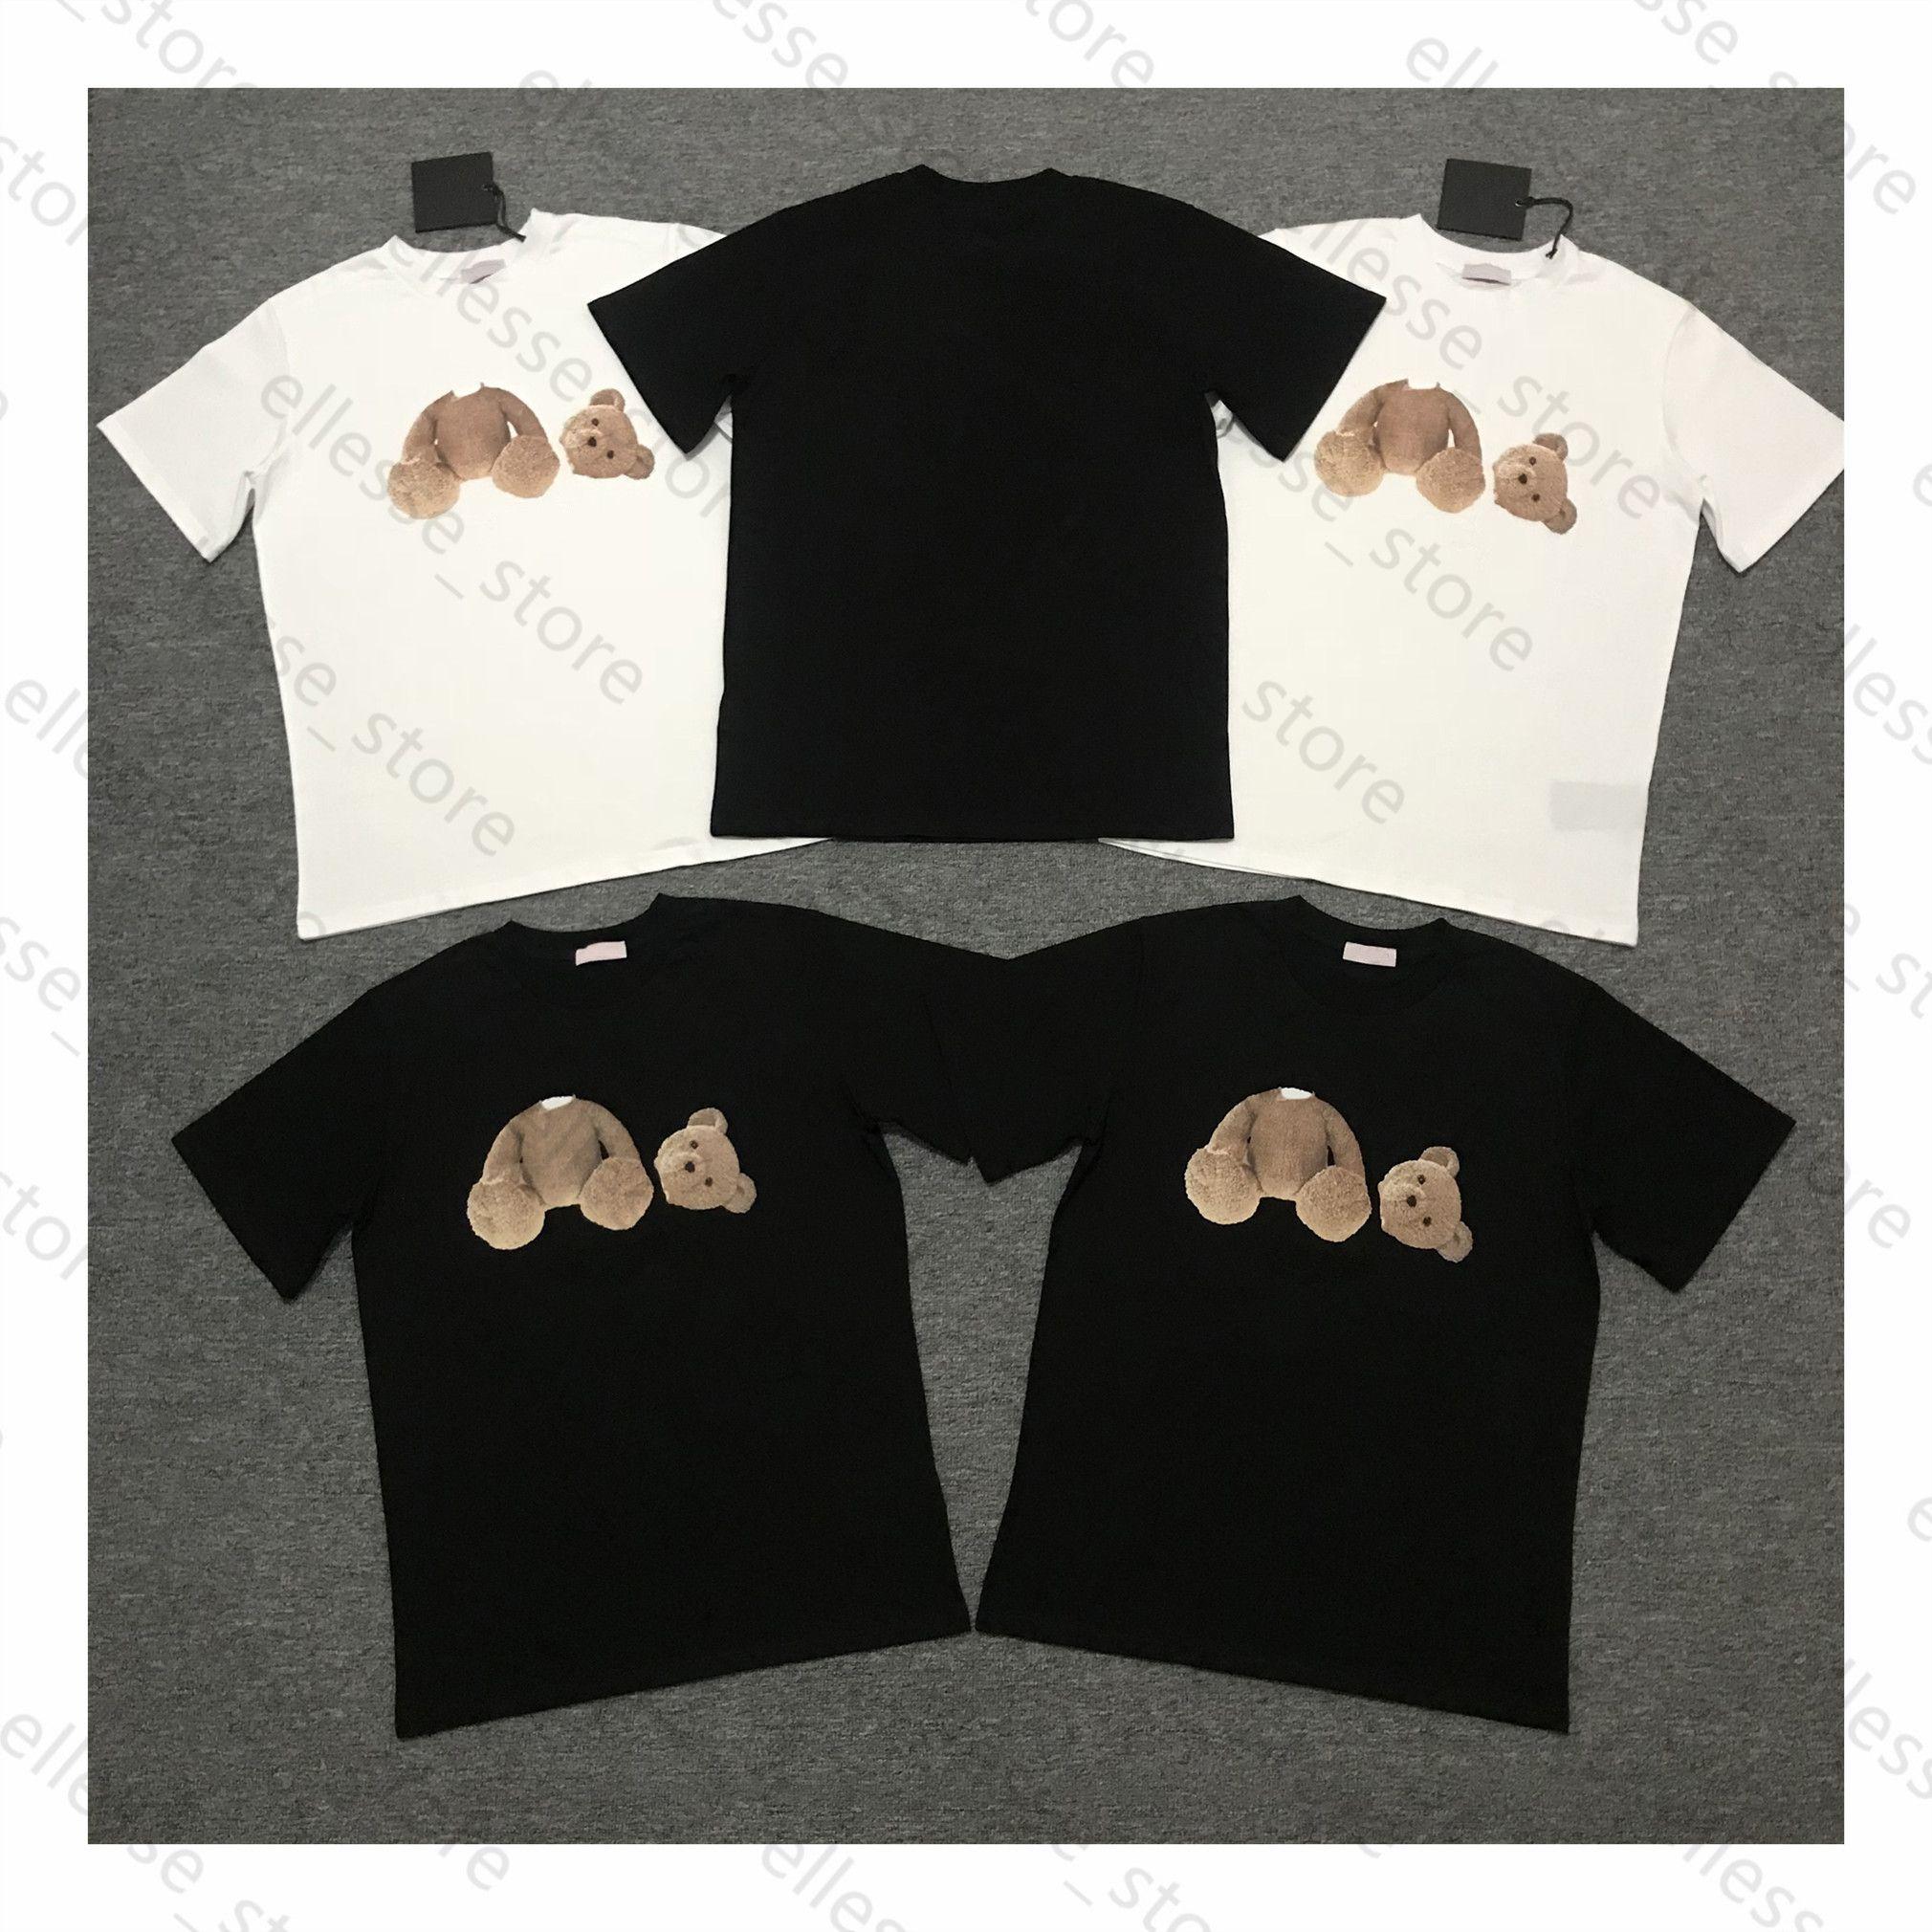 2021 الصيف أزياء رجالي المرأة مصممي القمصان للرجال s النخيل قمم إضافات التطريز بلايز الملابس قصيرة الملائكة الأكمام الزى المحملات